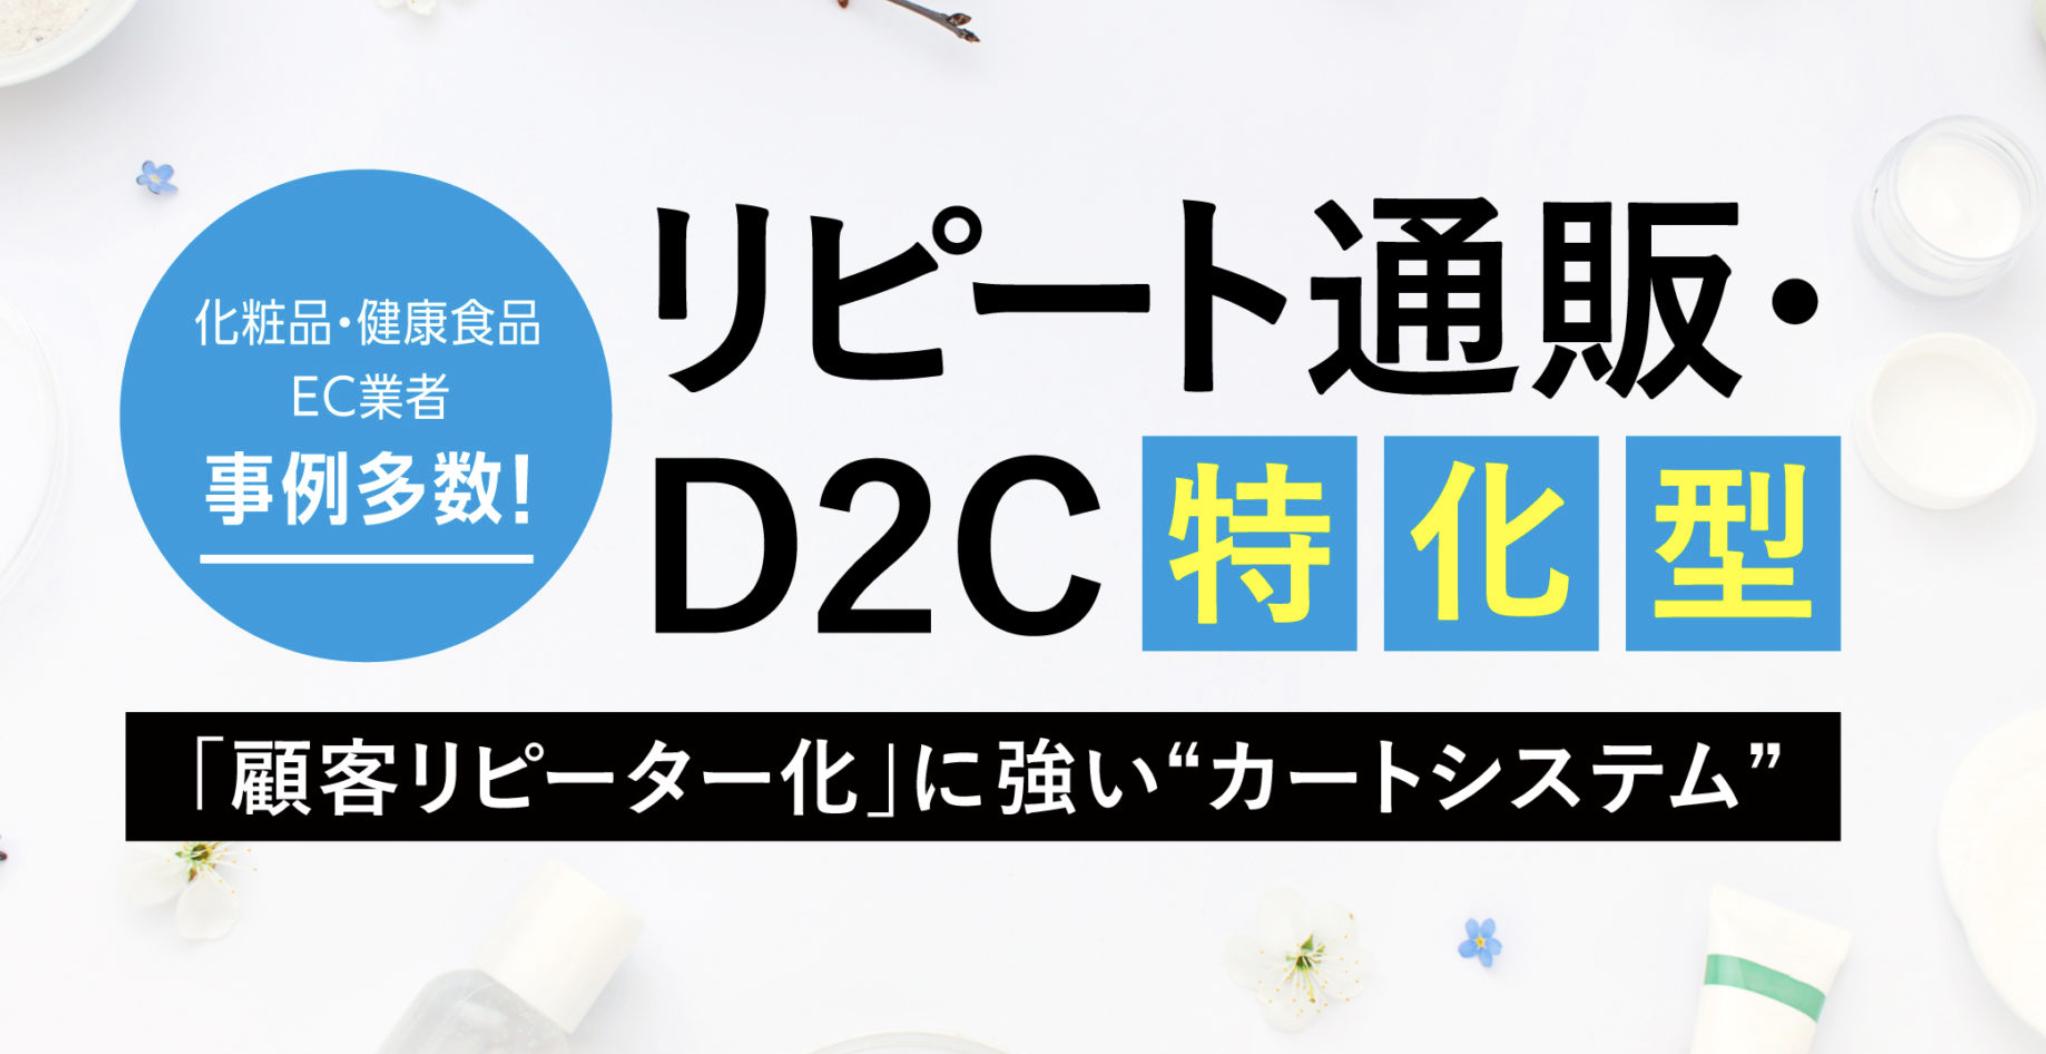 スクリーンショット 2021-01-25 12.06.10